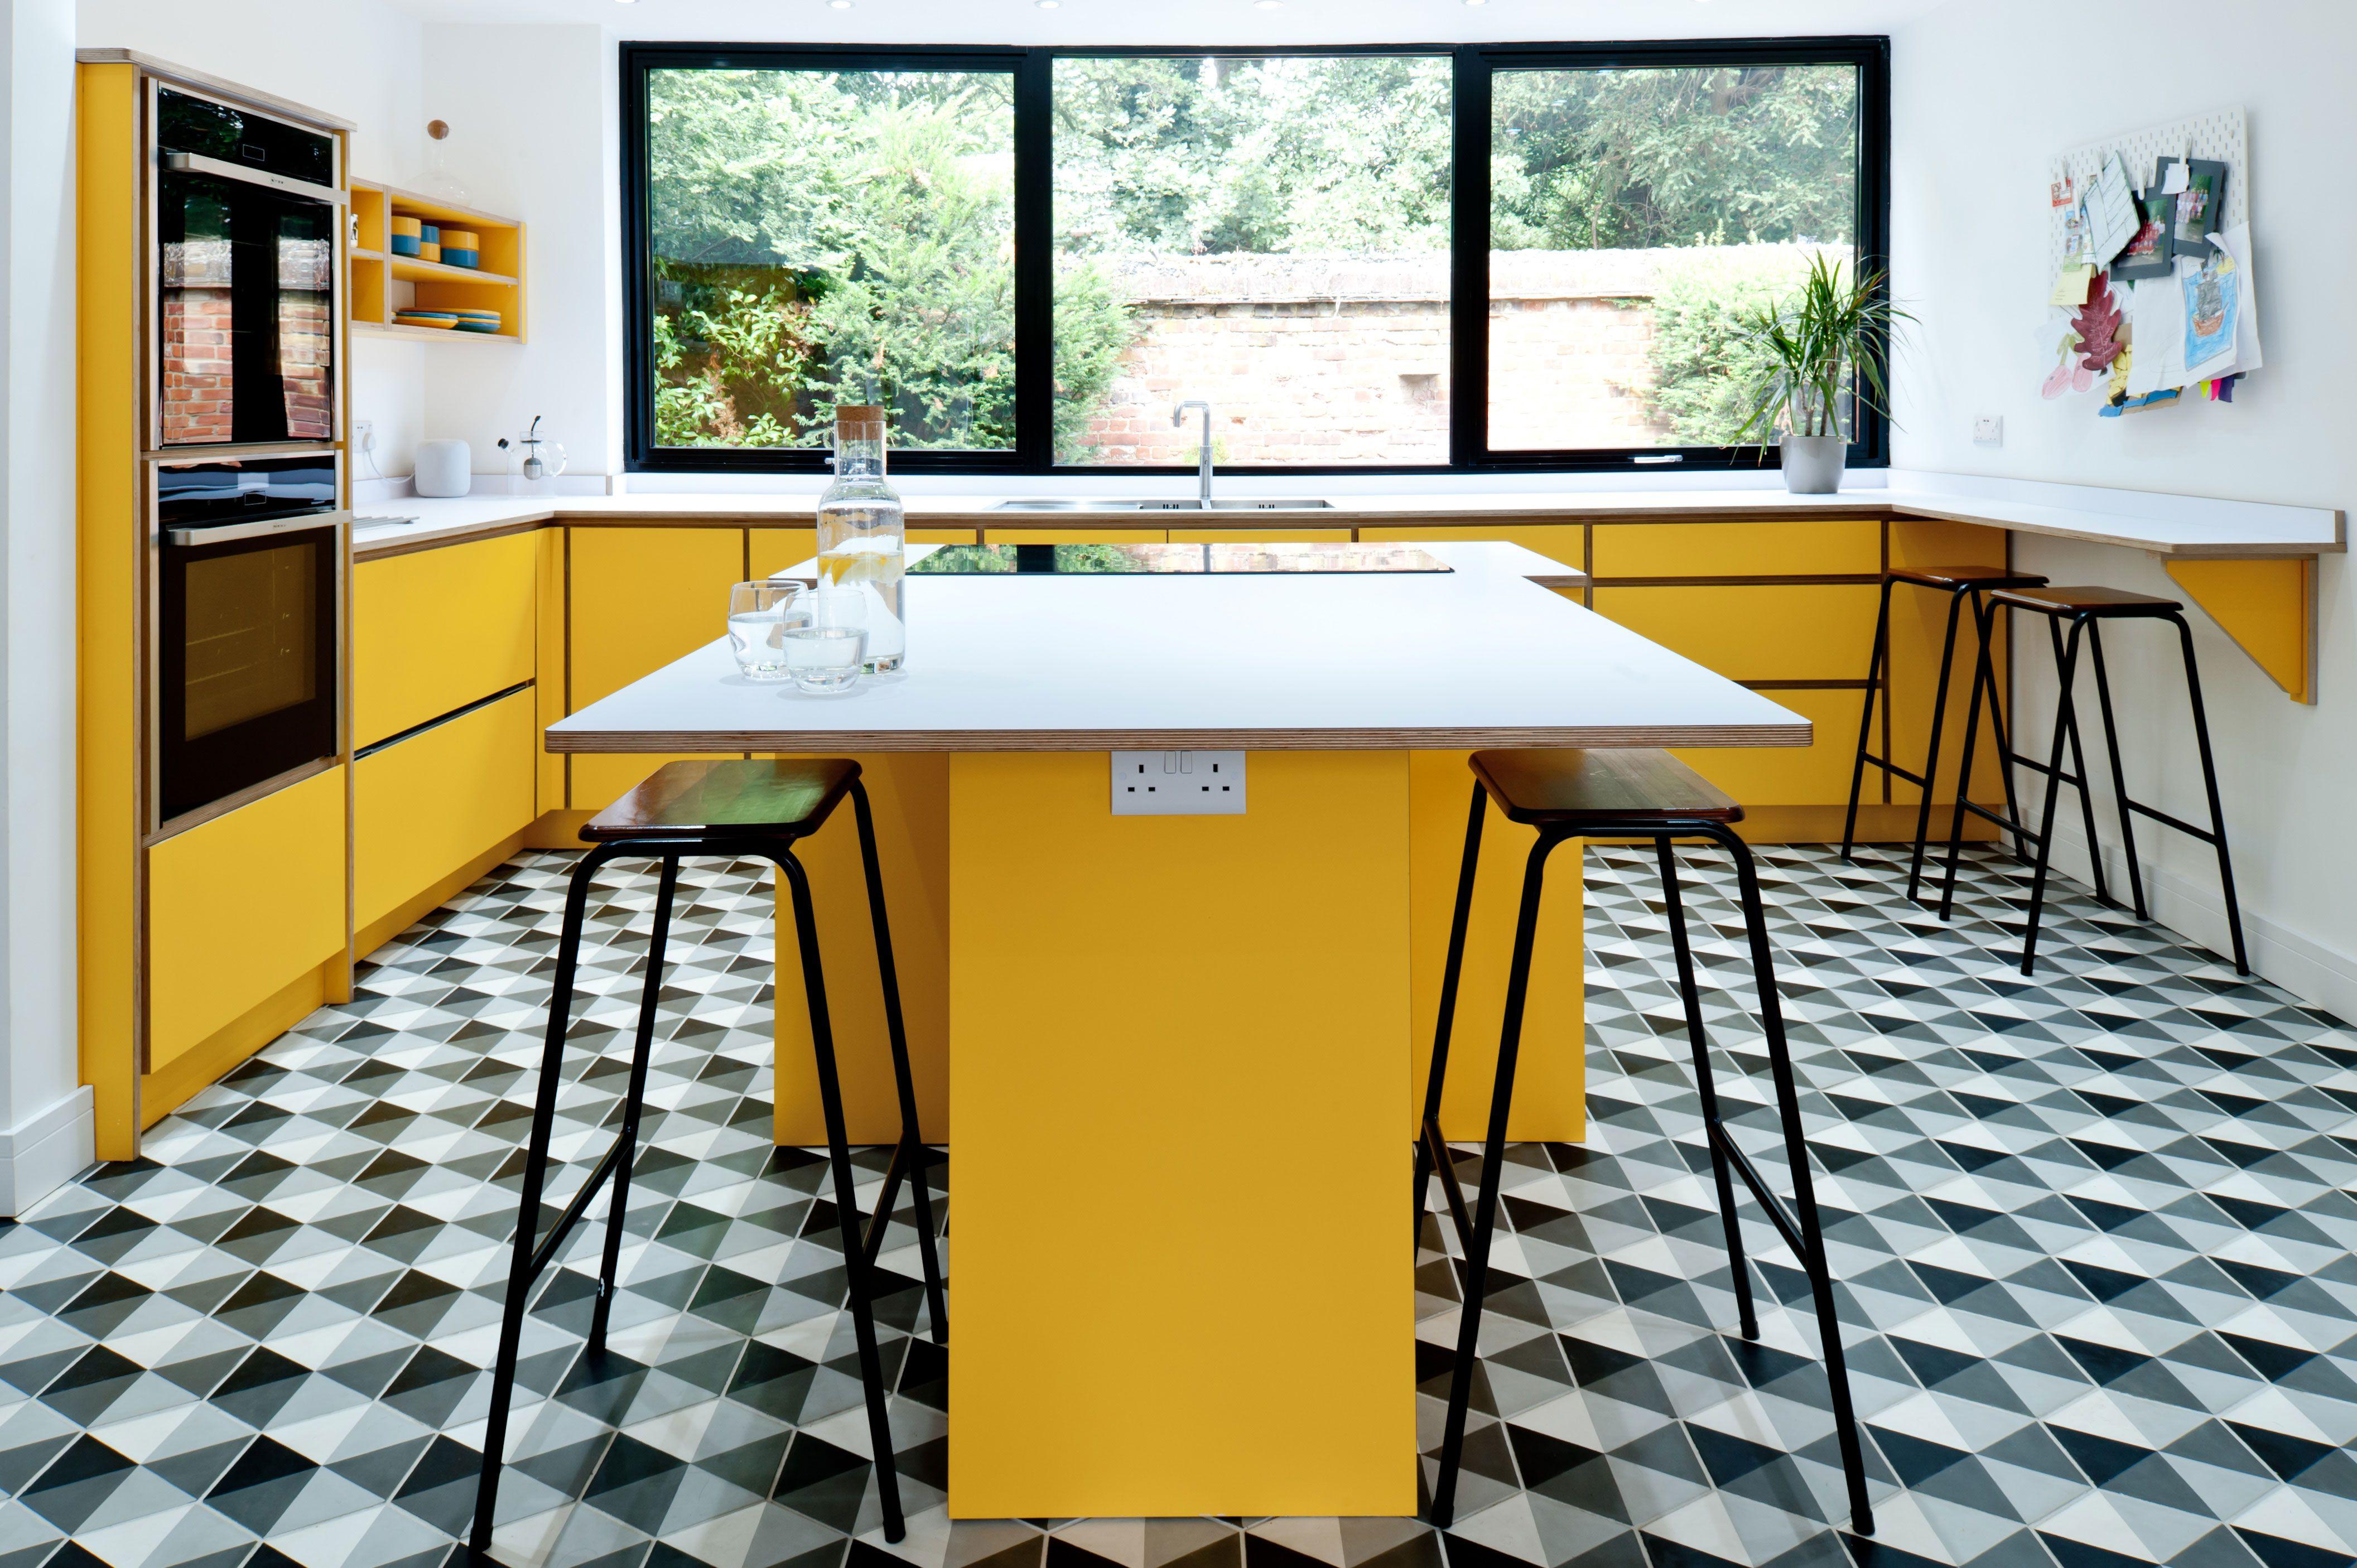 Yellow Contemporary Kitchens YellowKitchen yellowkitchen ...